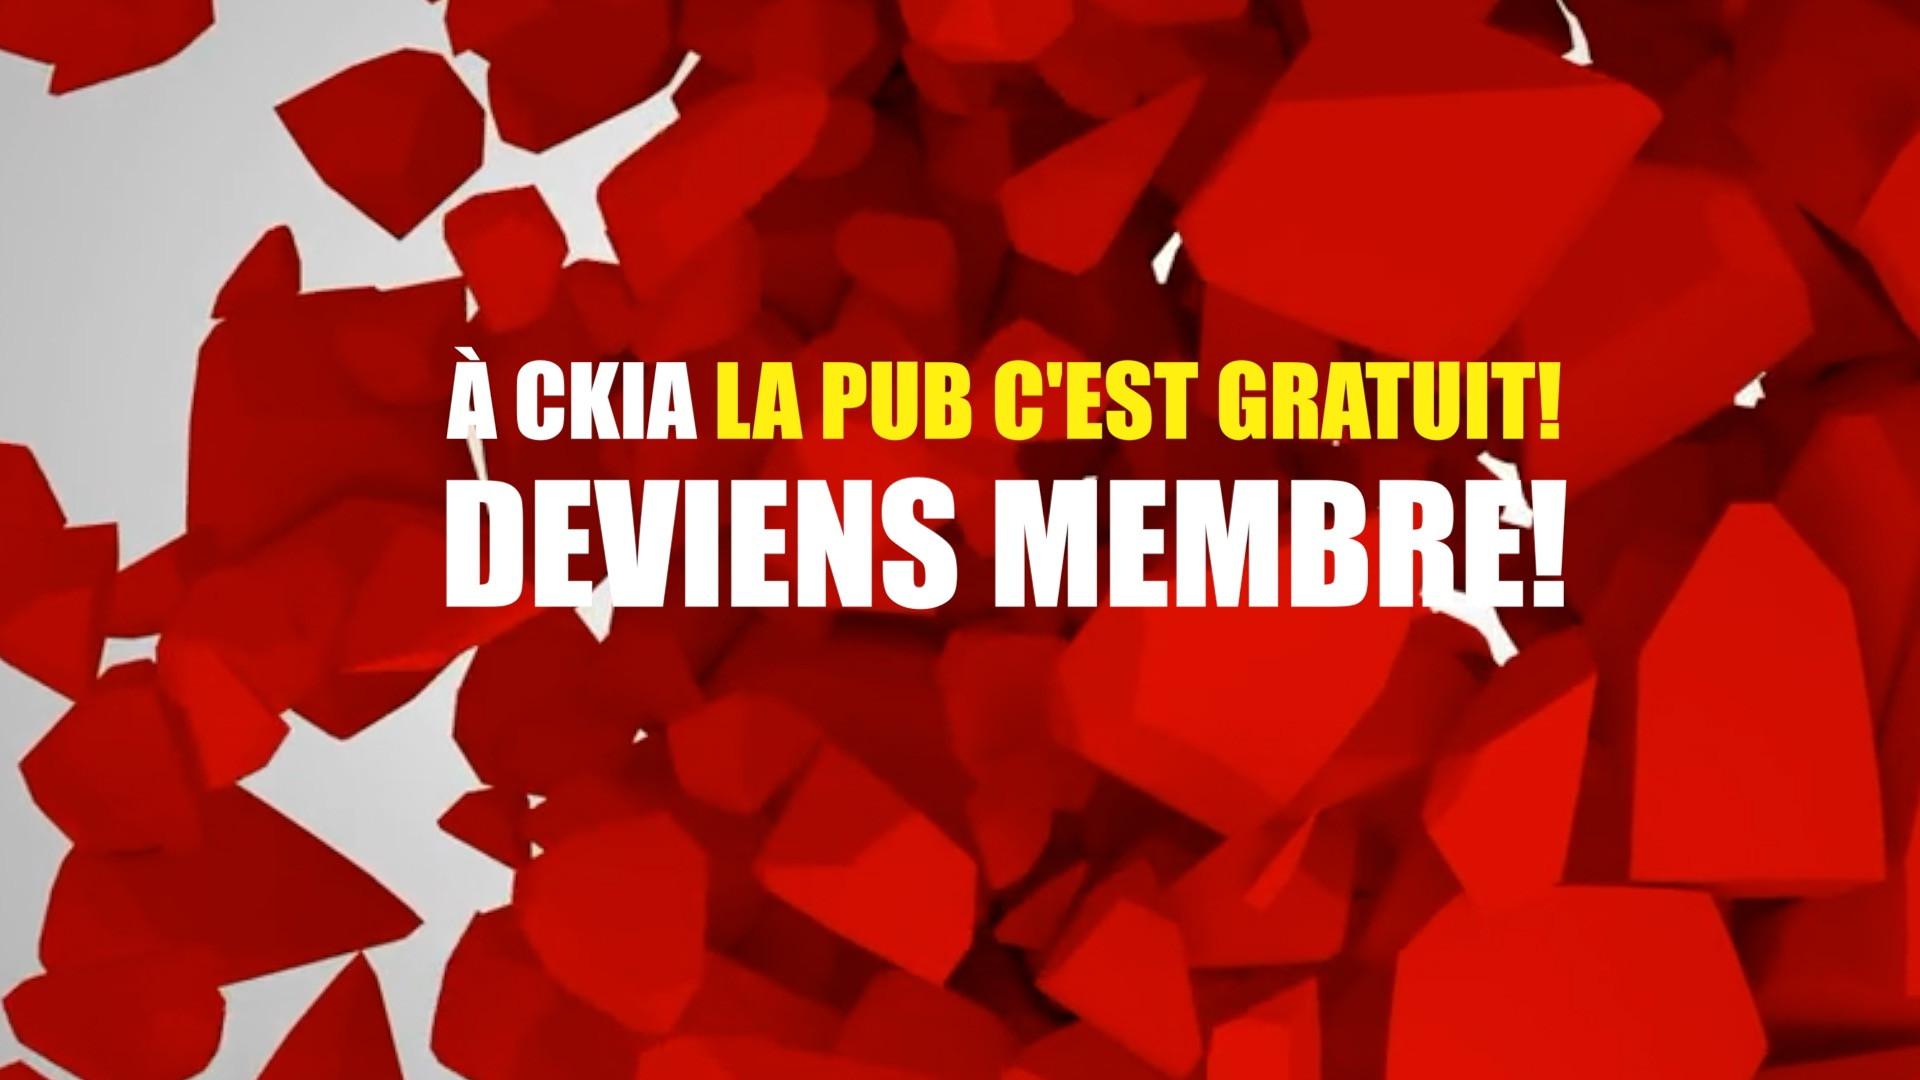 A CKIA, la pub c'est gratuit !